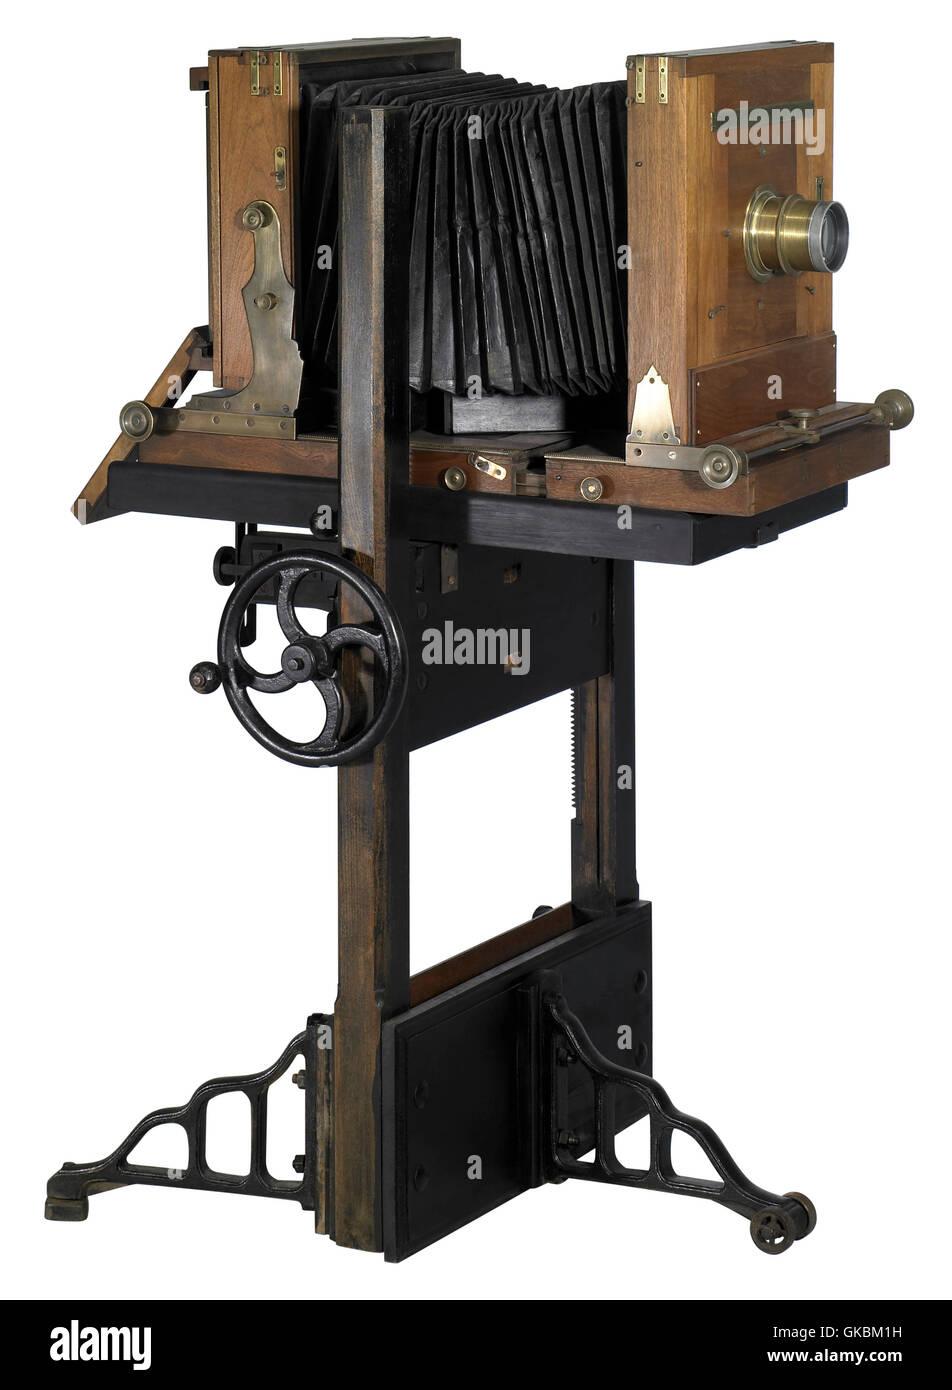 nostalgic wooden camera - Stock Image